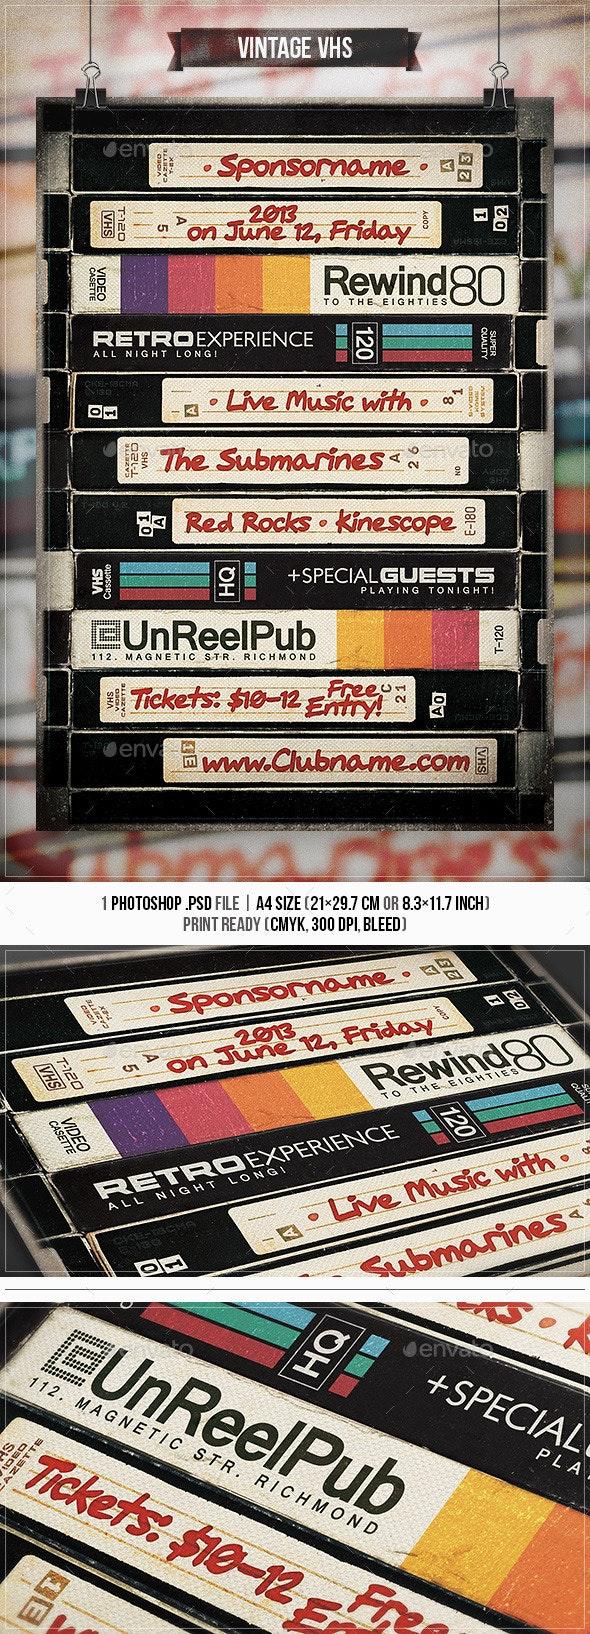 Vintage VHS - Flyer & Poster - Concerts Events